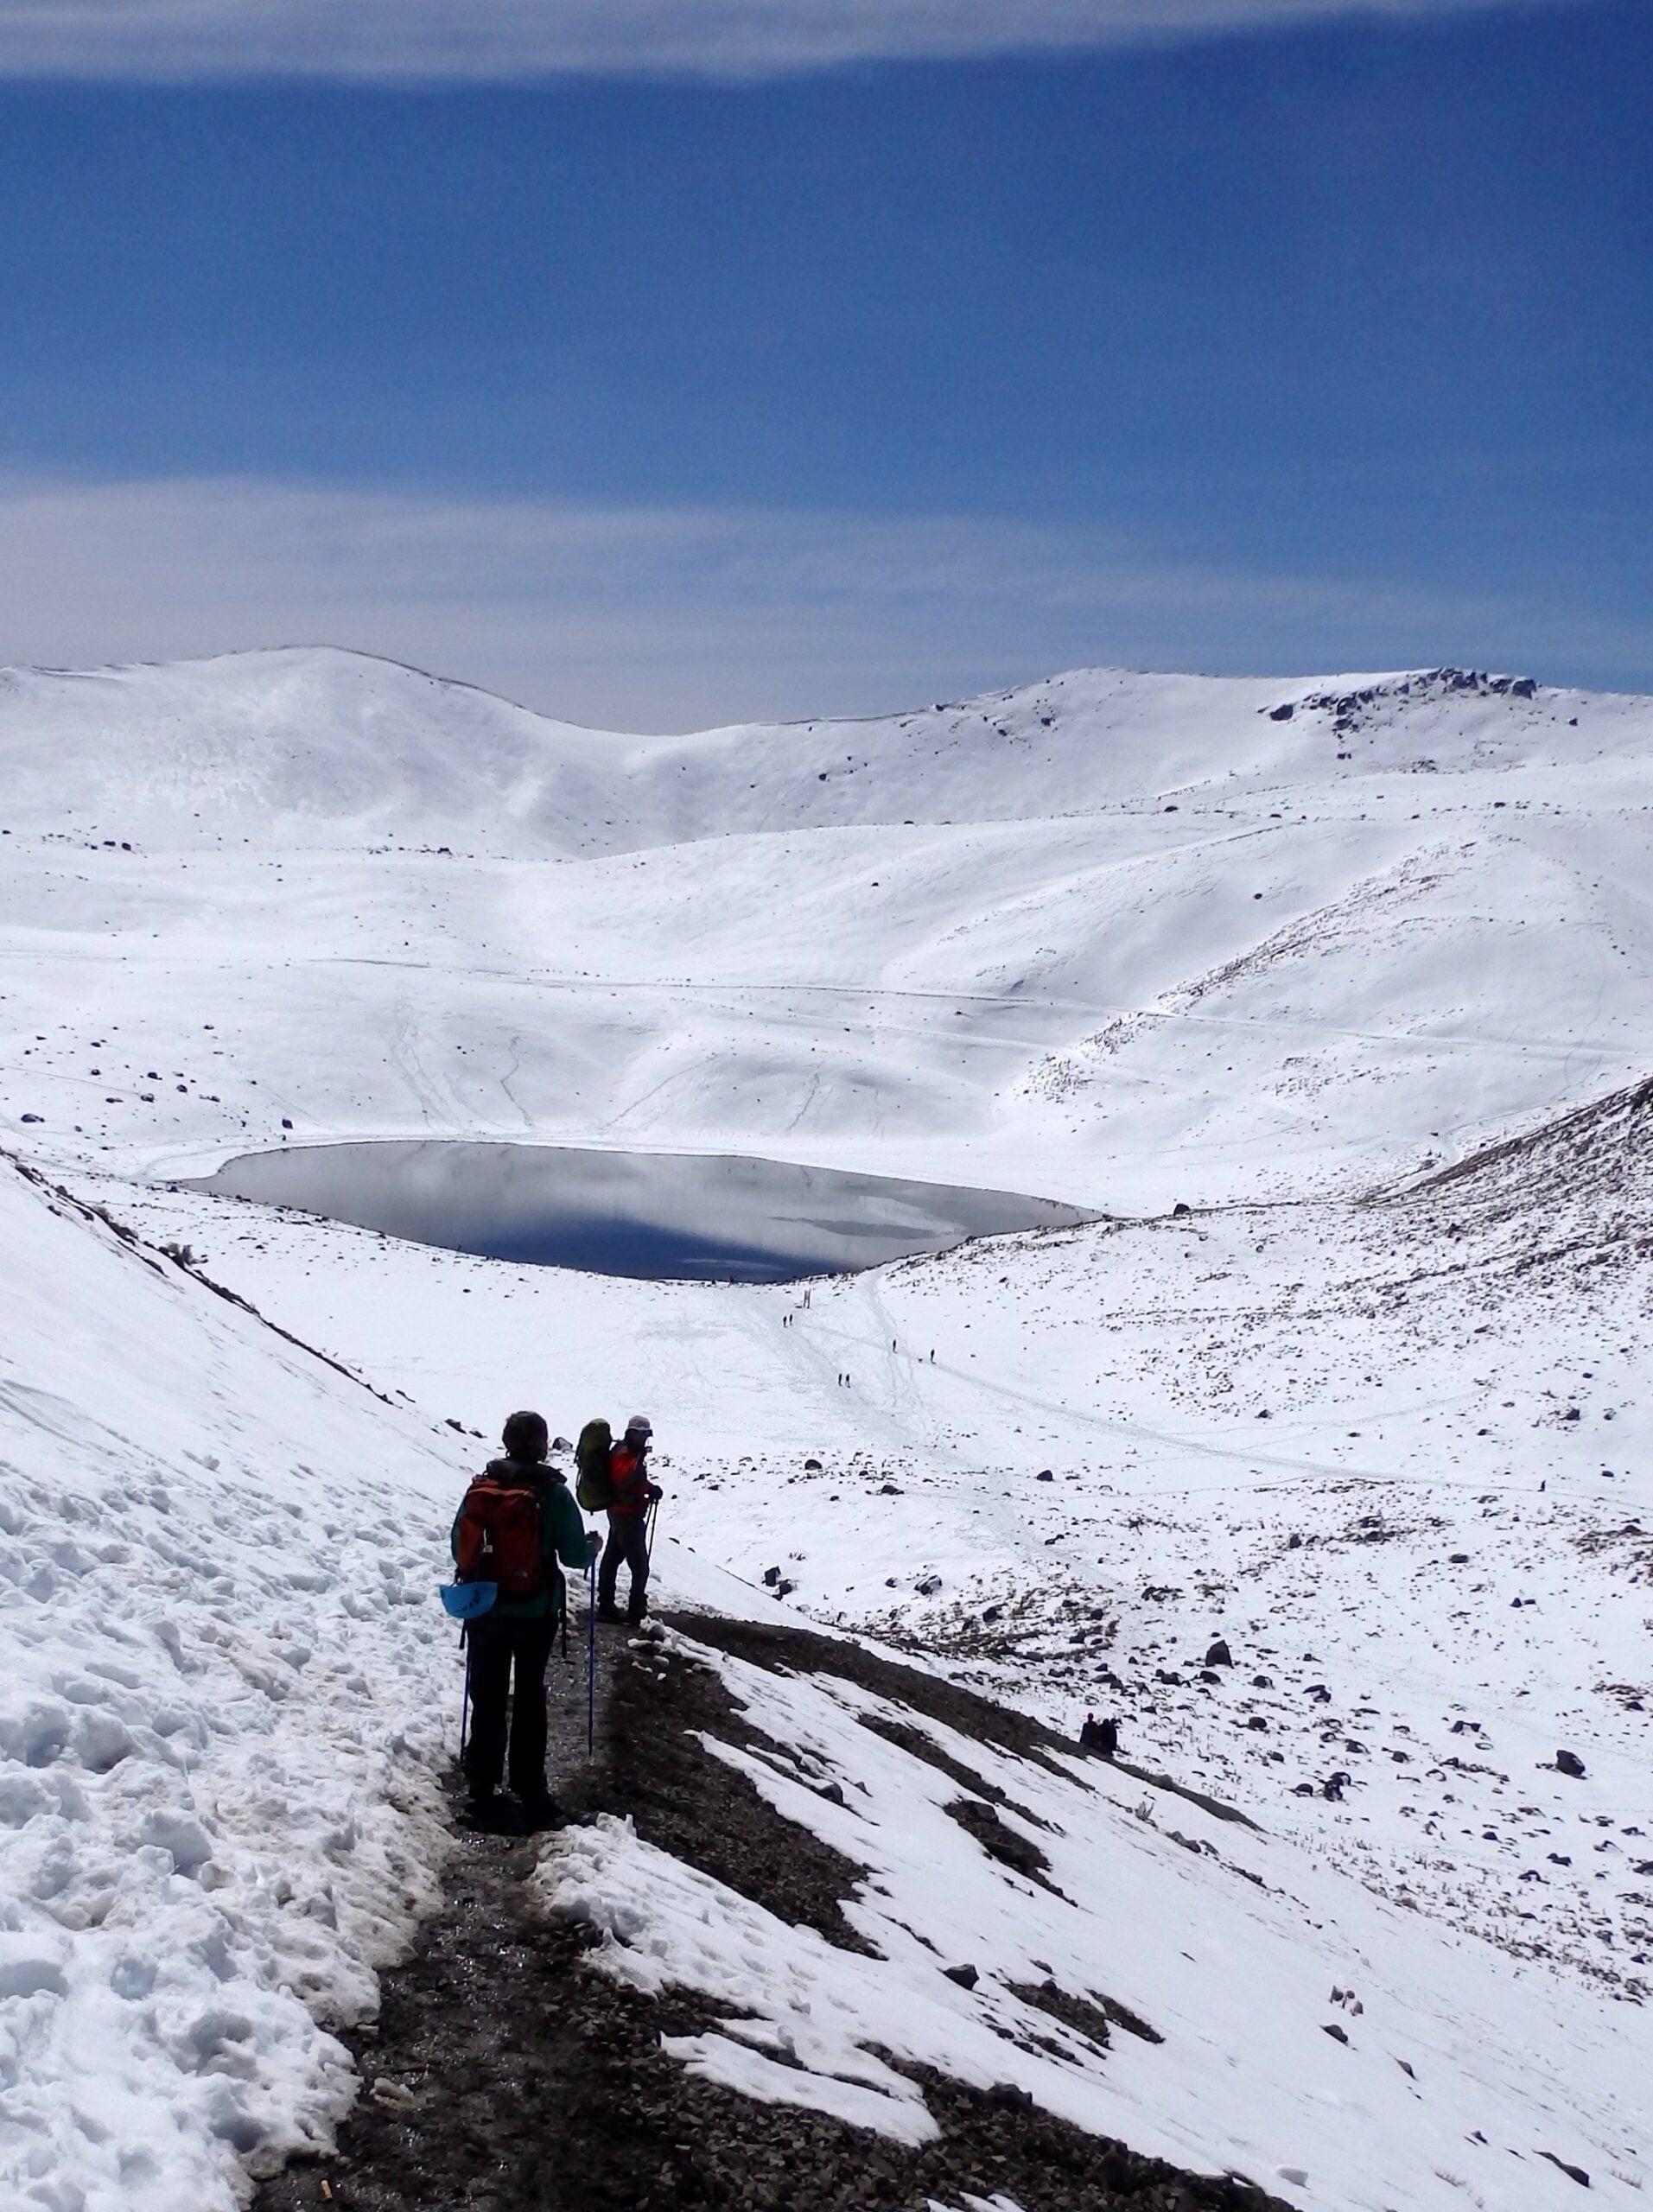 Nevado de Toluca winter climb